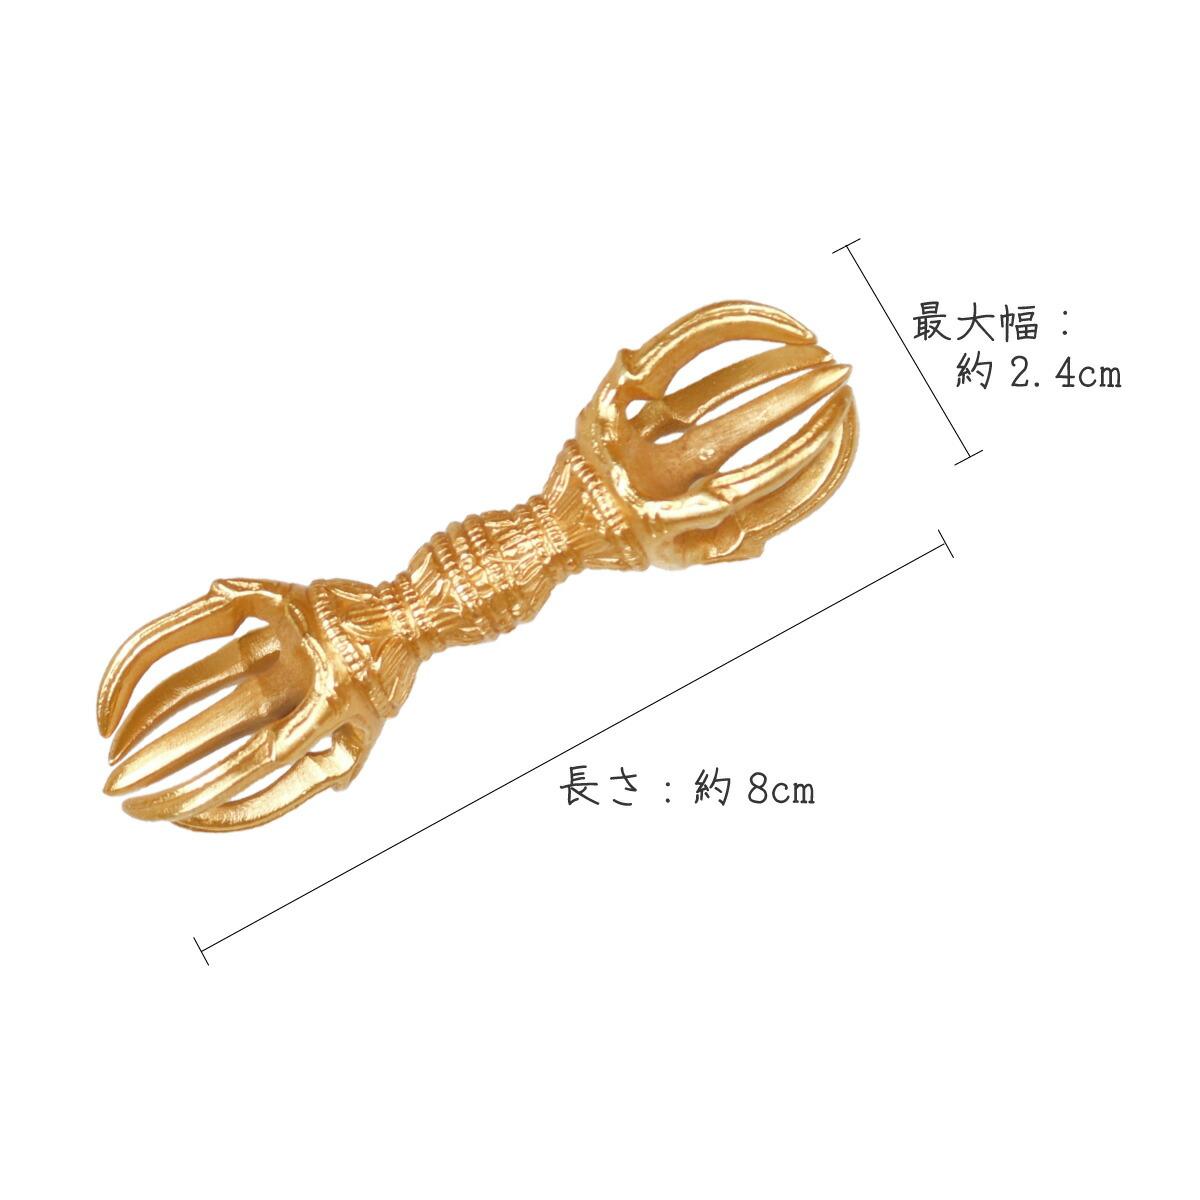 五鈷杵8cm